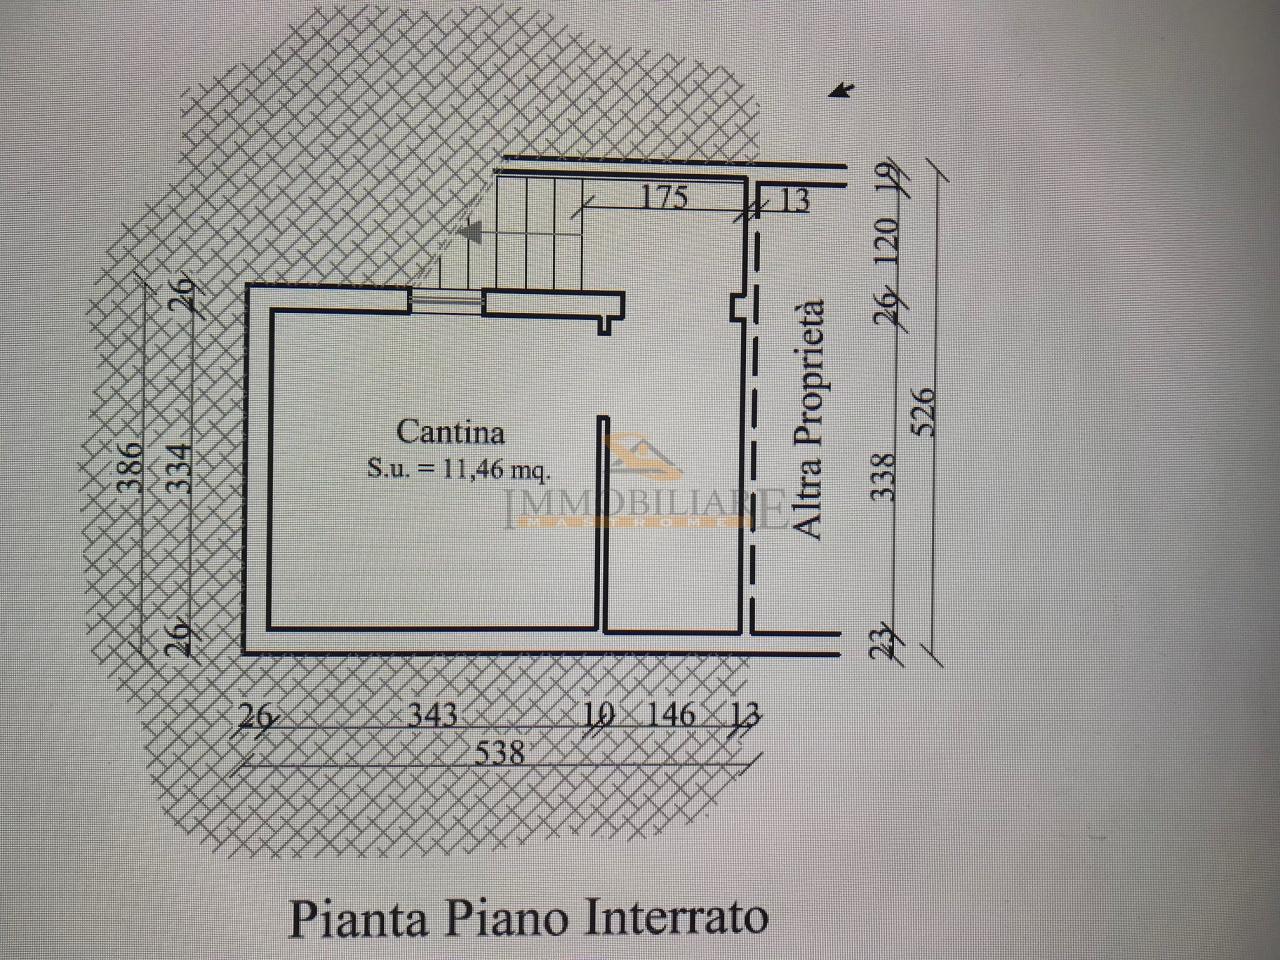 Planimetria_27